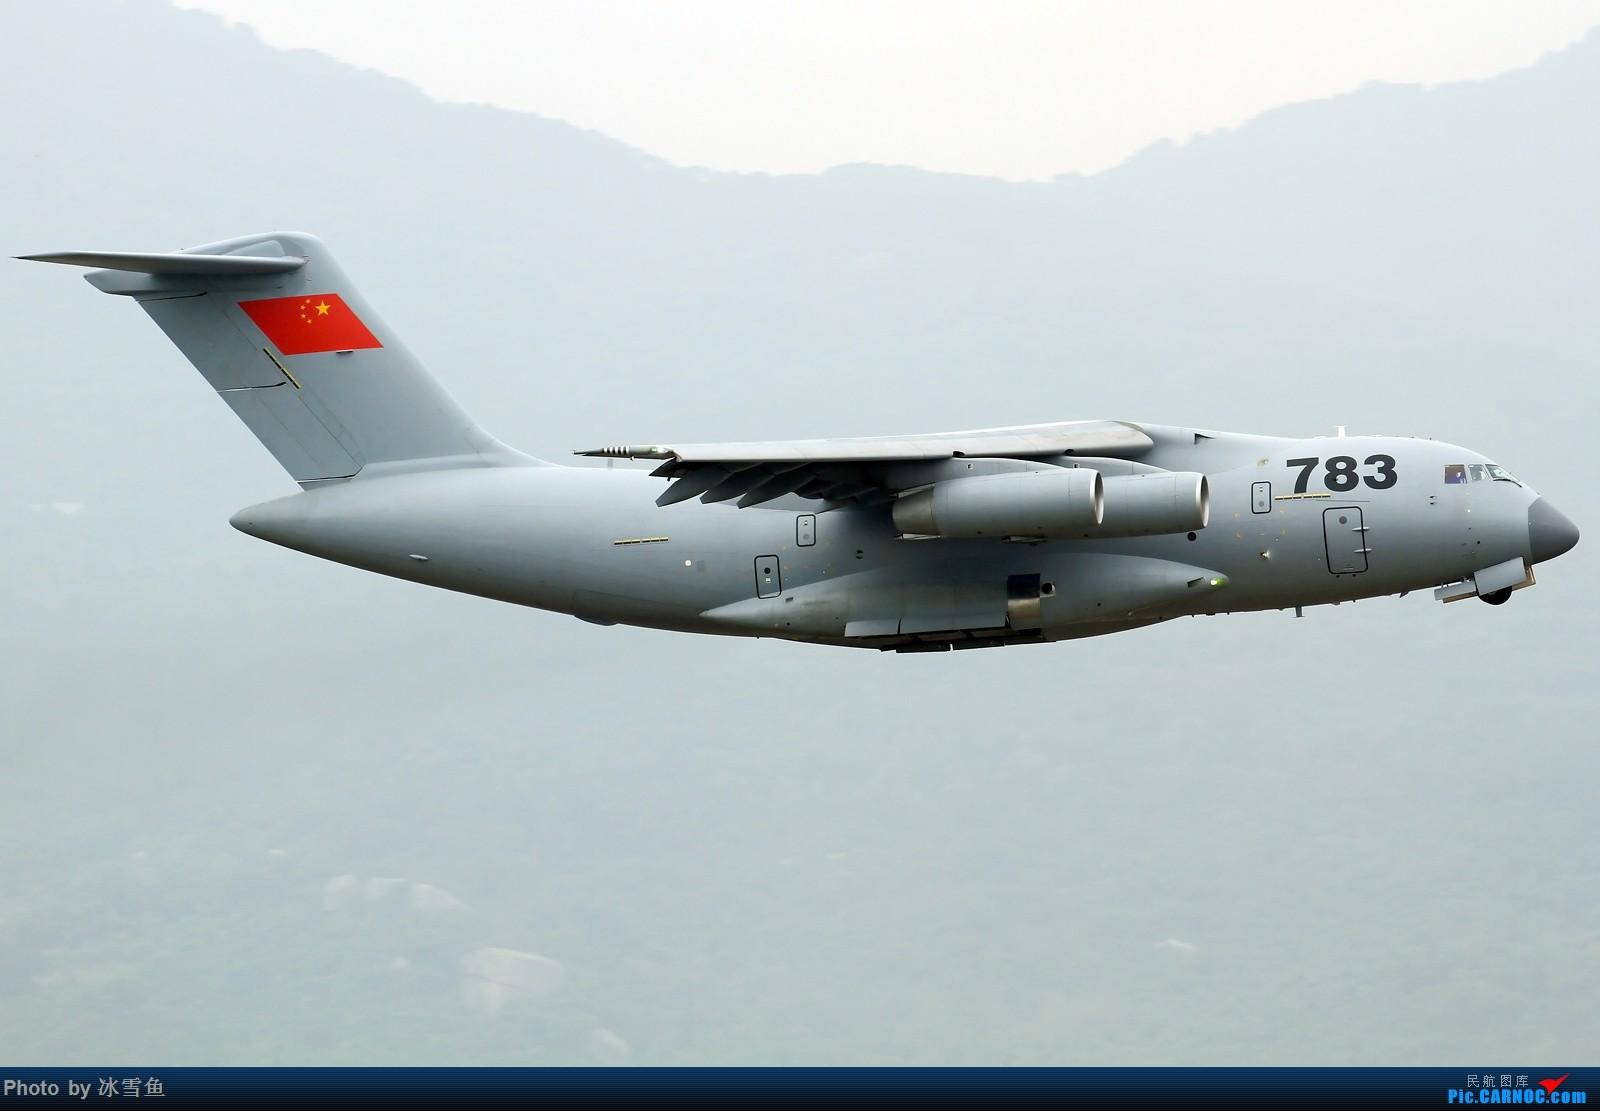 Re:【BLDDQ-昆明飞友会】又到一年航展时——人更多、价更高............ YUN-20 783 中国珠海金湾机场